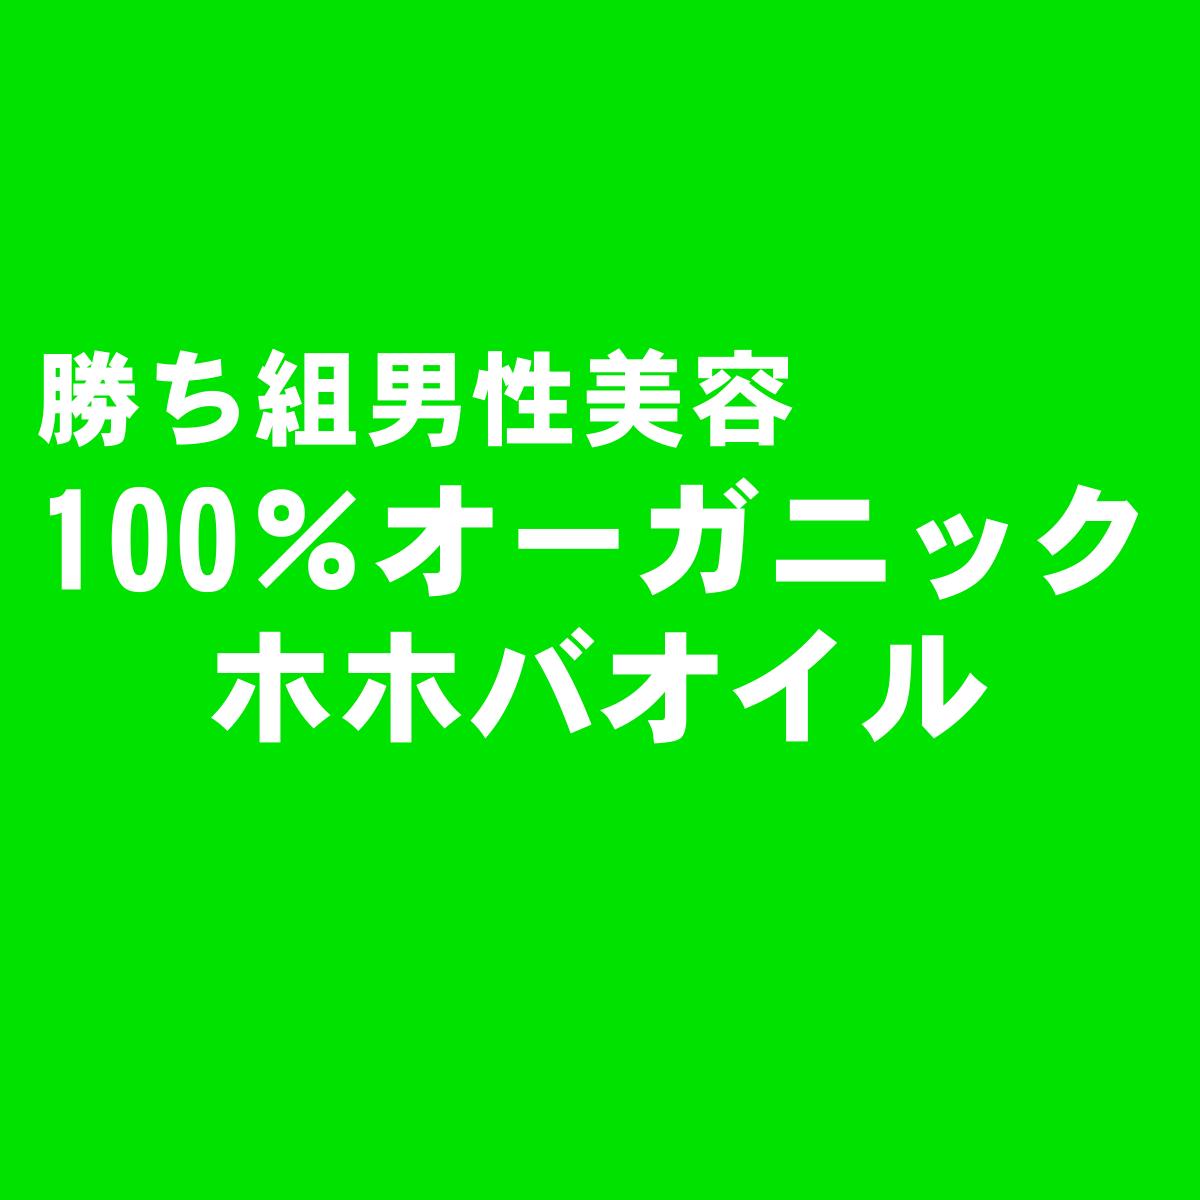 100%オーガニックホホバオイル